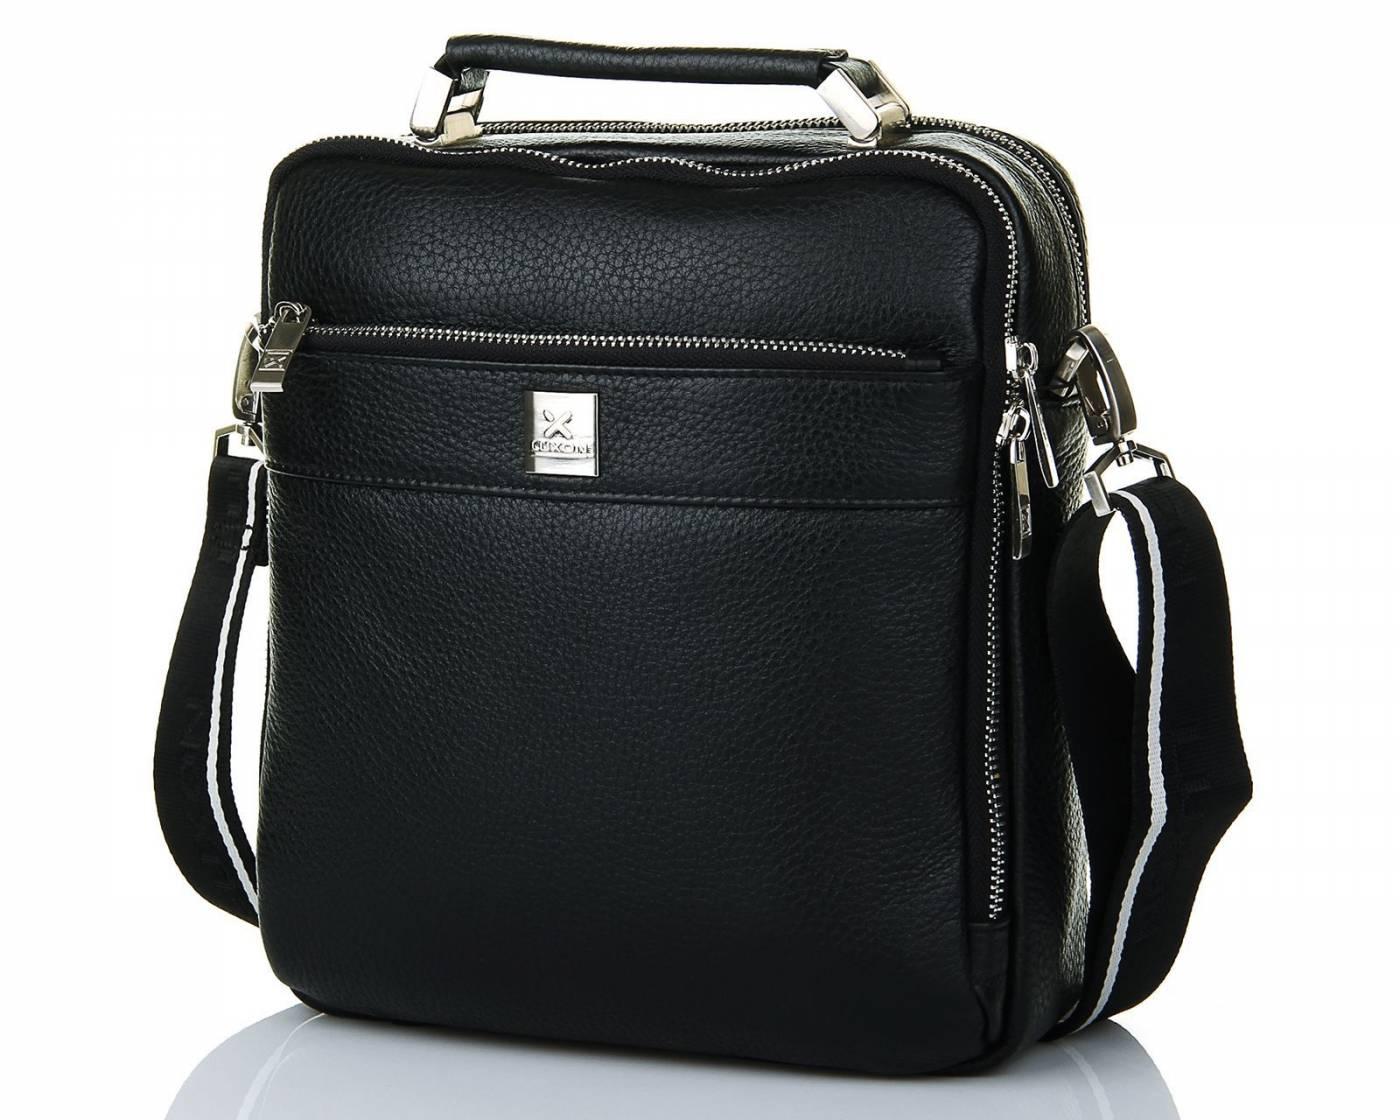 Сумка чоловіча Luxon 796 Чорний купить по выгодной цене в интернет ... 4f070670b9579